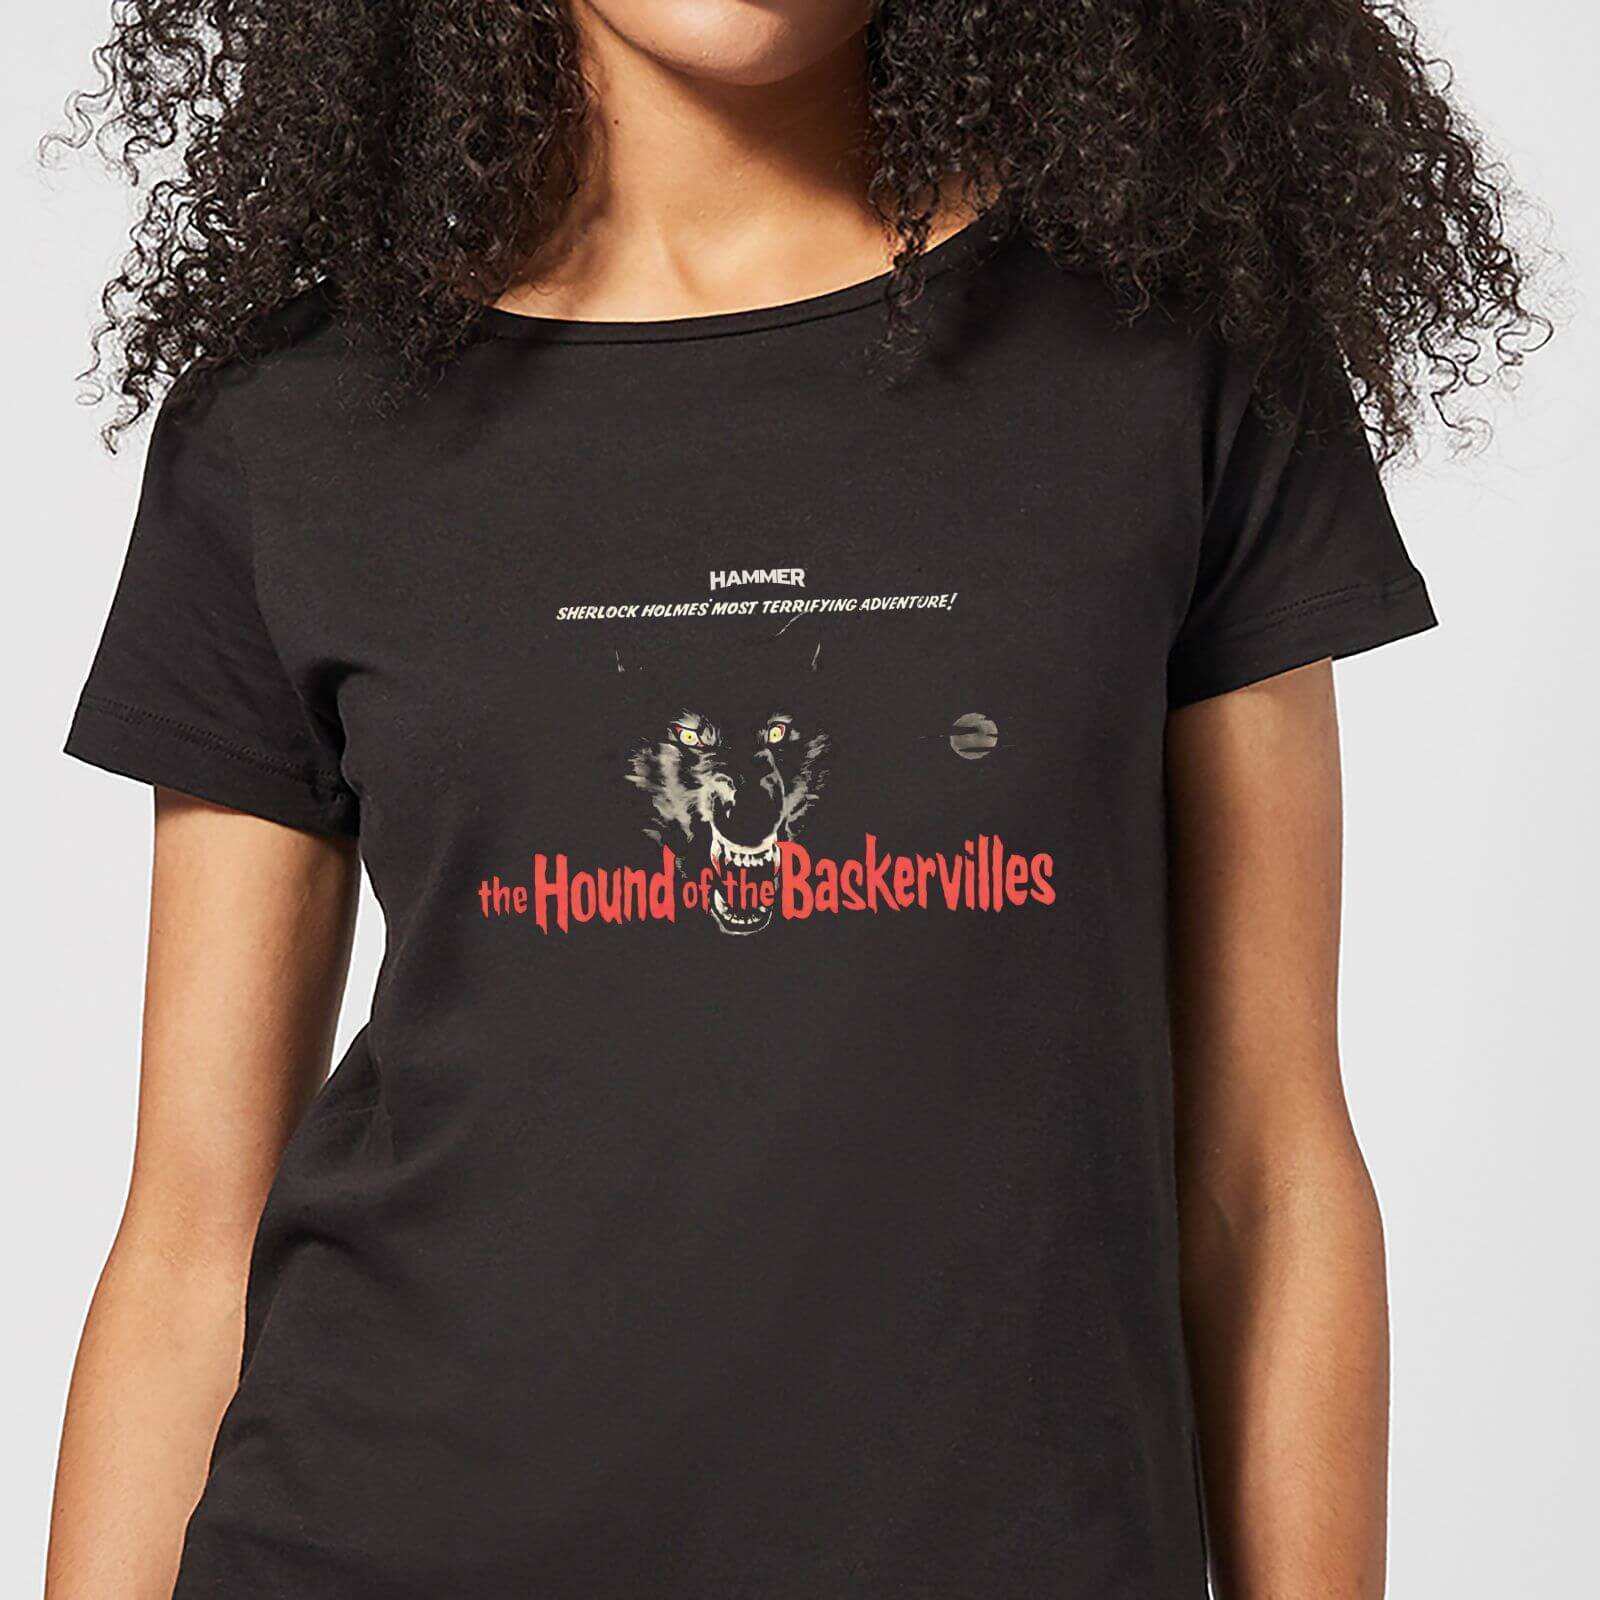 Hammer Horror Hound Of The Baskervilles Women's T-Shirt - Black - 5XL - Black